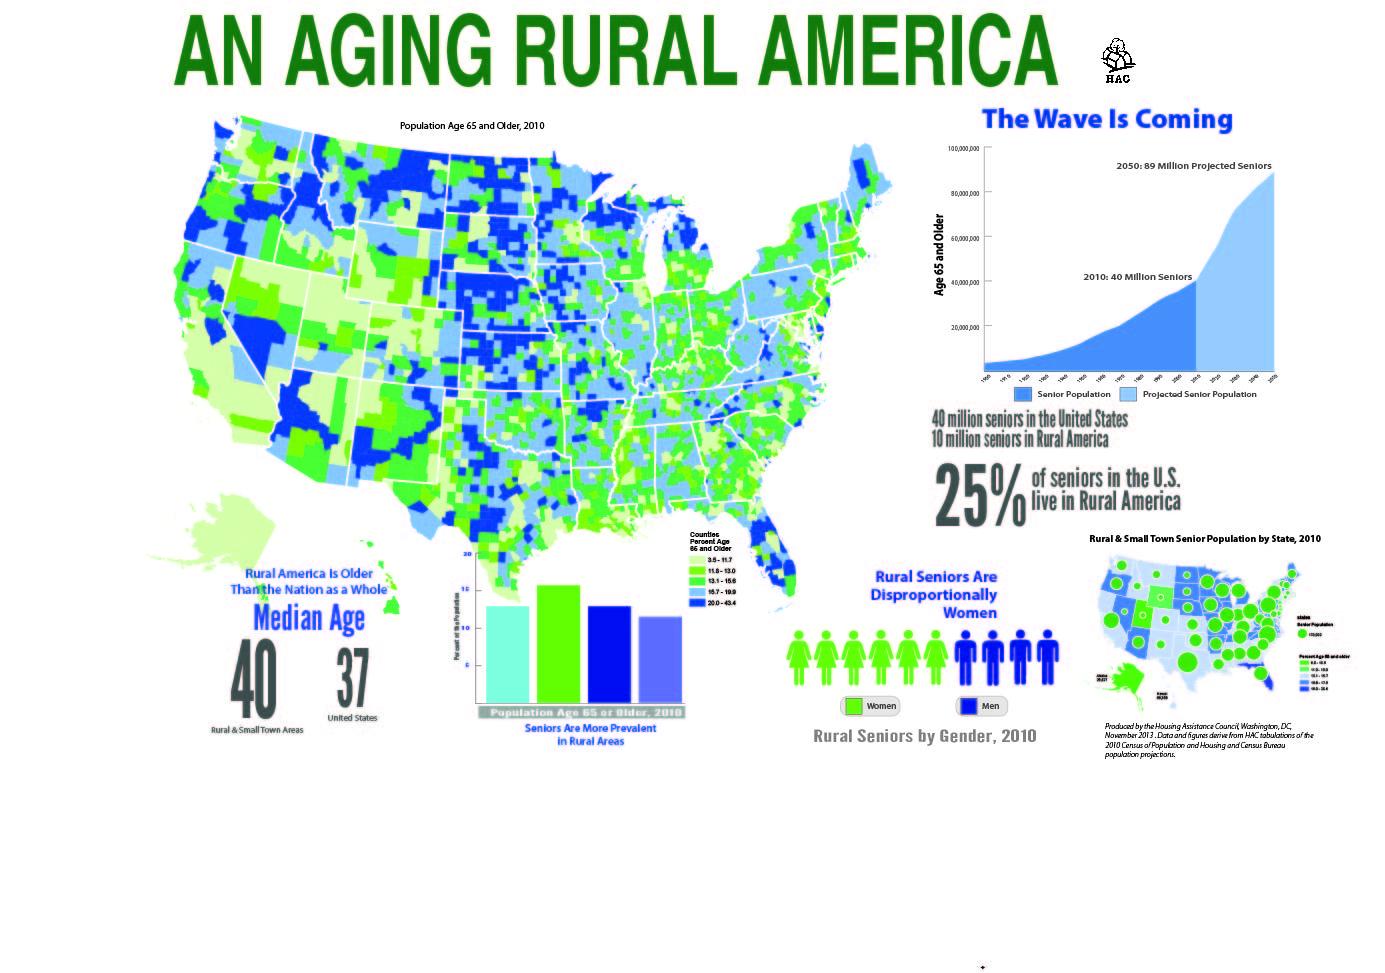 aging-rural-america-map